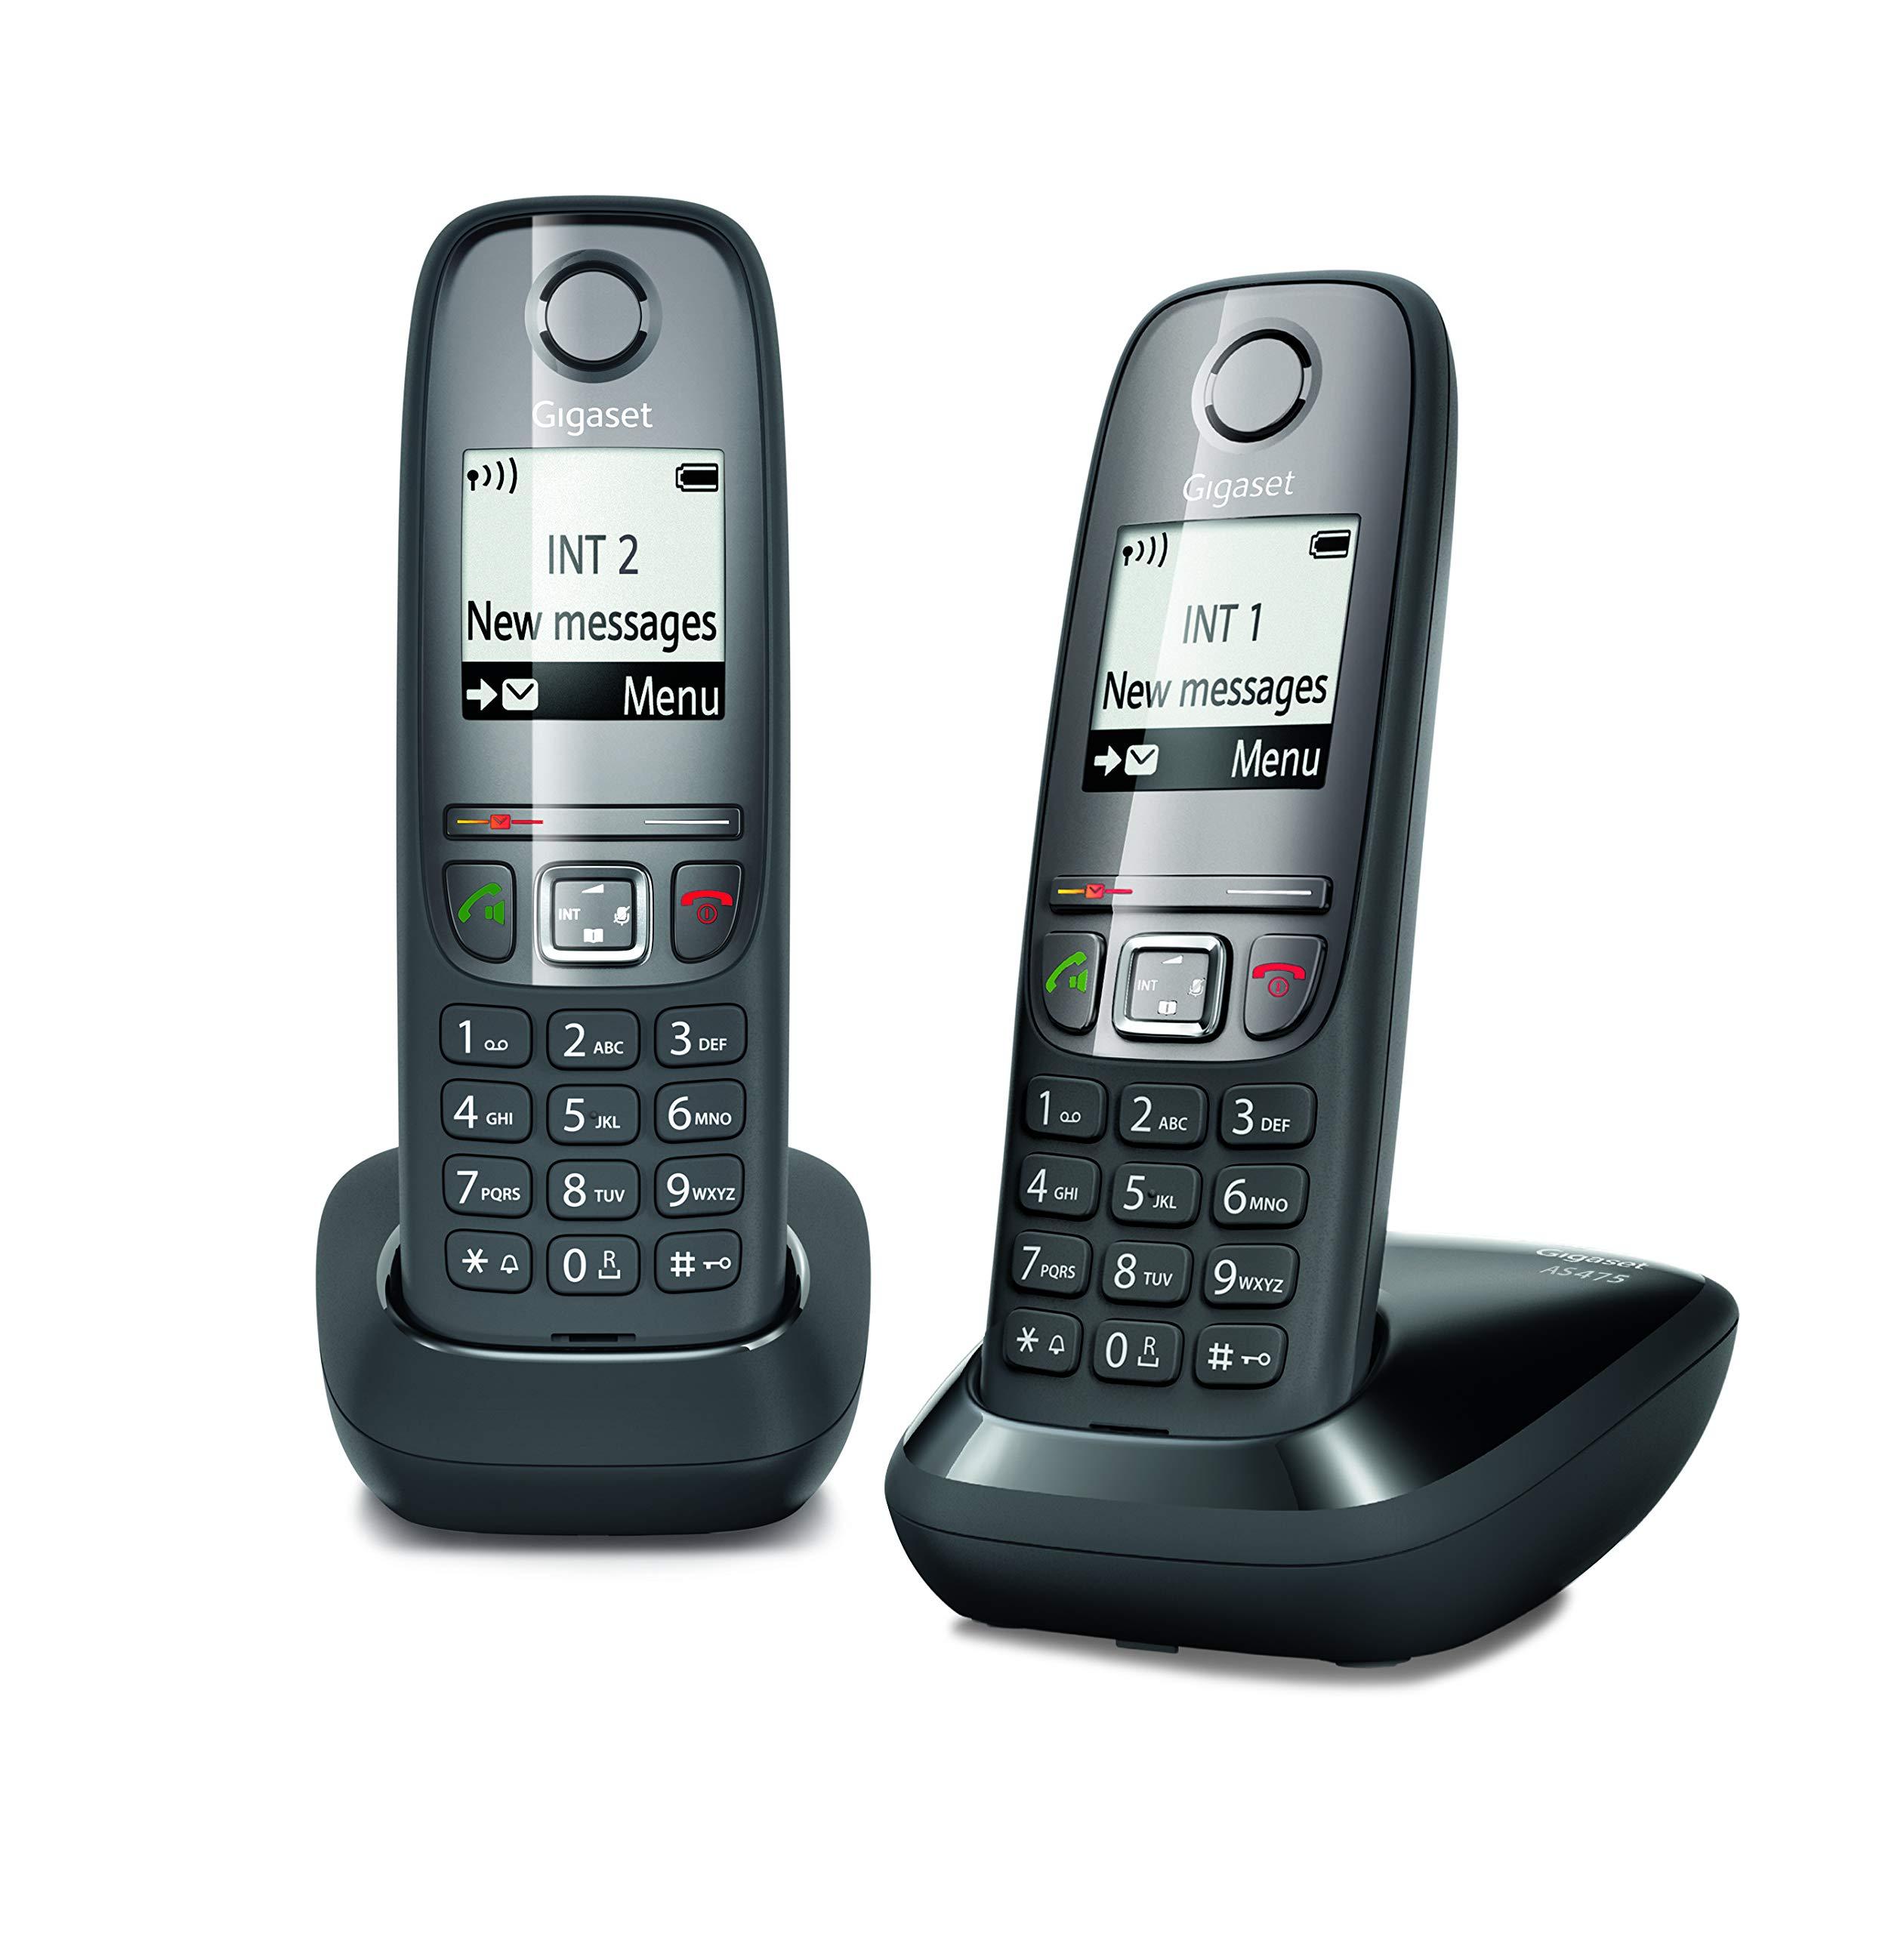 Gigaset AS 475 Duo Teléfono inalámbrico, Llamadas Entre Interior/interfono, Agenda Personalizable, Transferencia de Llamadas, Negro [Versión Importada]: Amazon.es: Electrónica